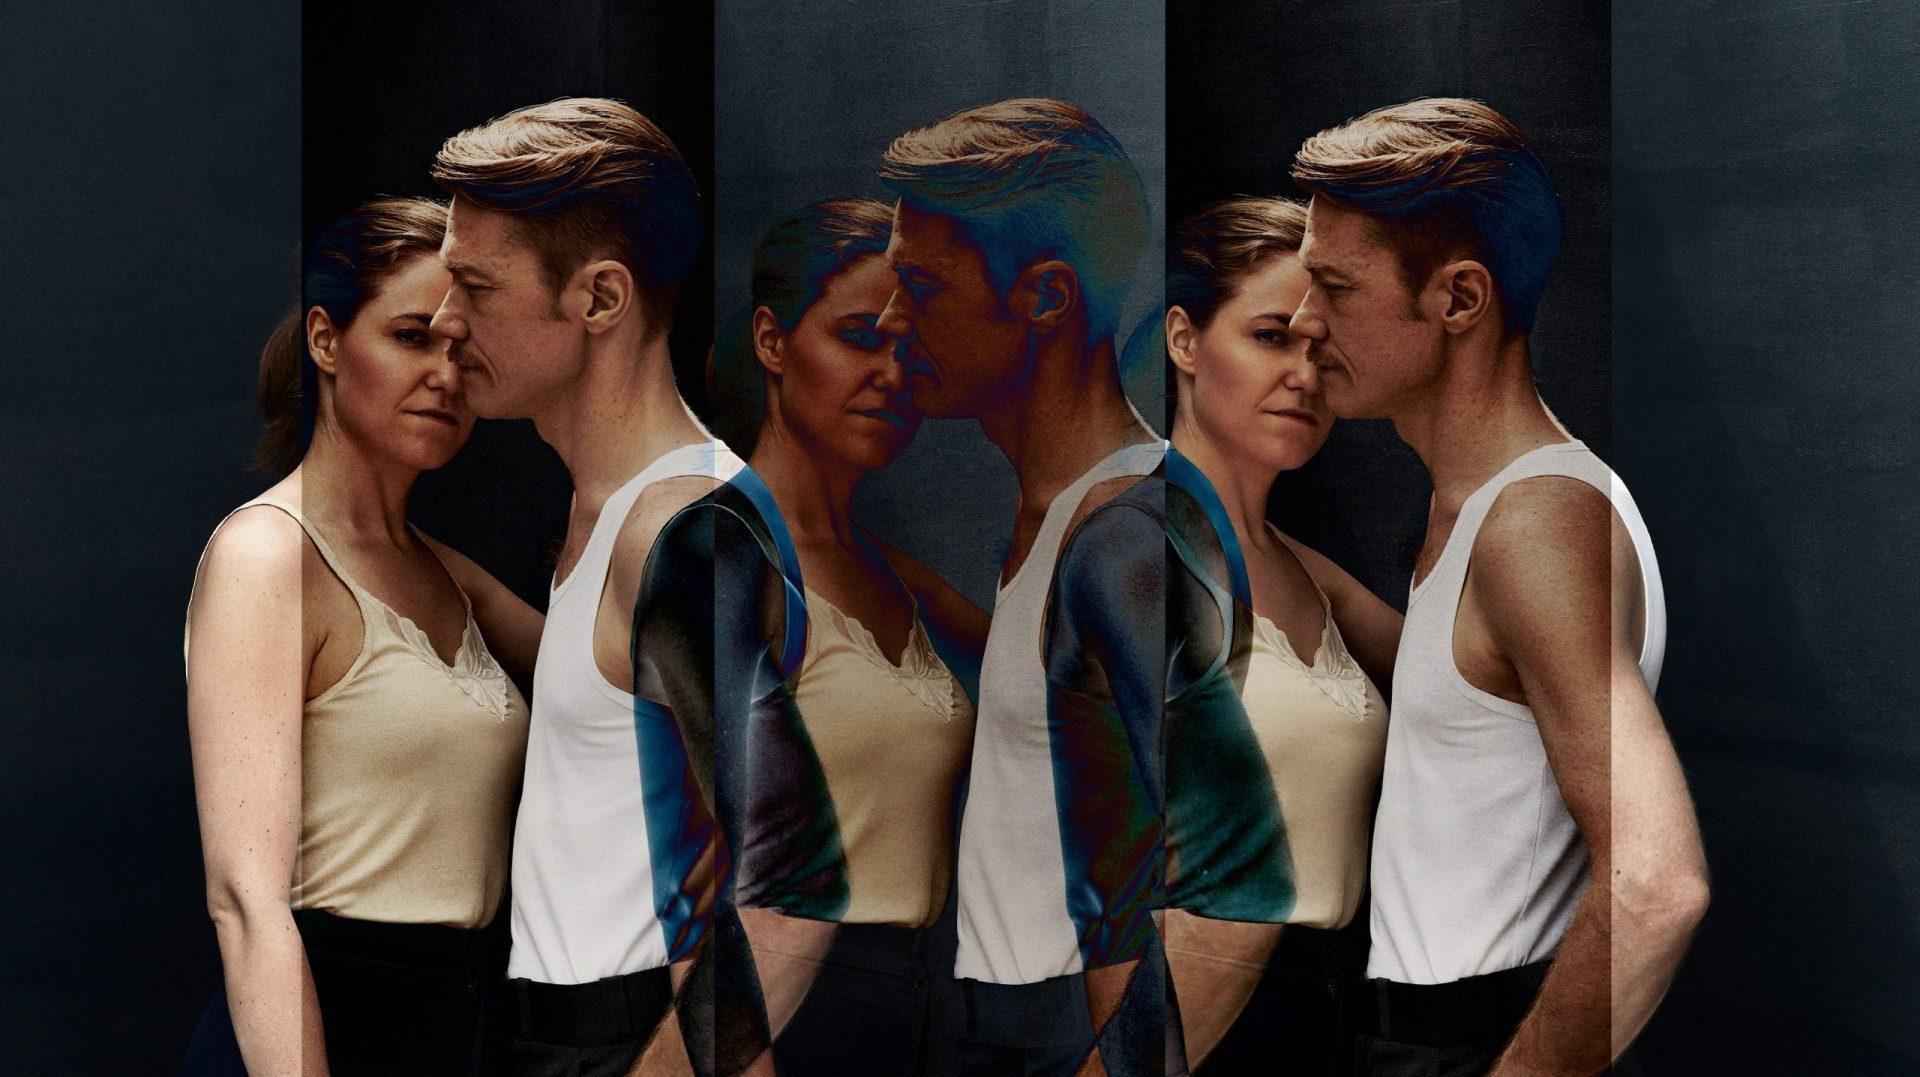 Mann og dame